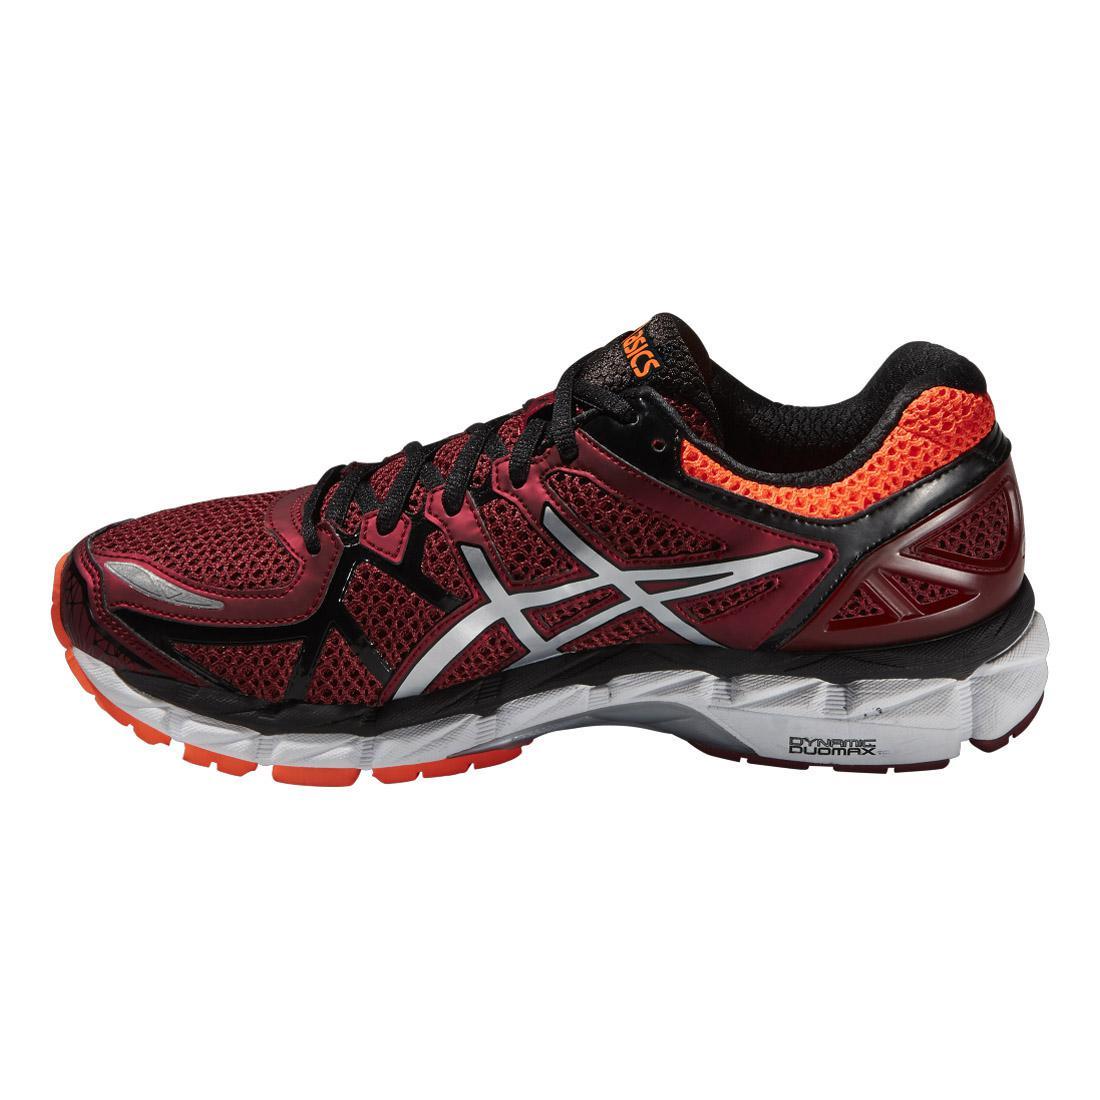 Asics Mens GEL-Kayano 21 Running Shoes - Red/Orange